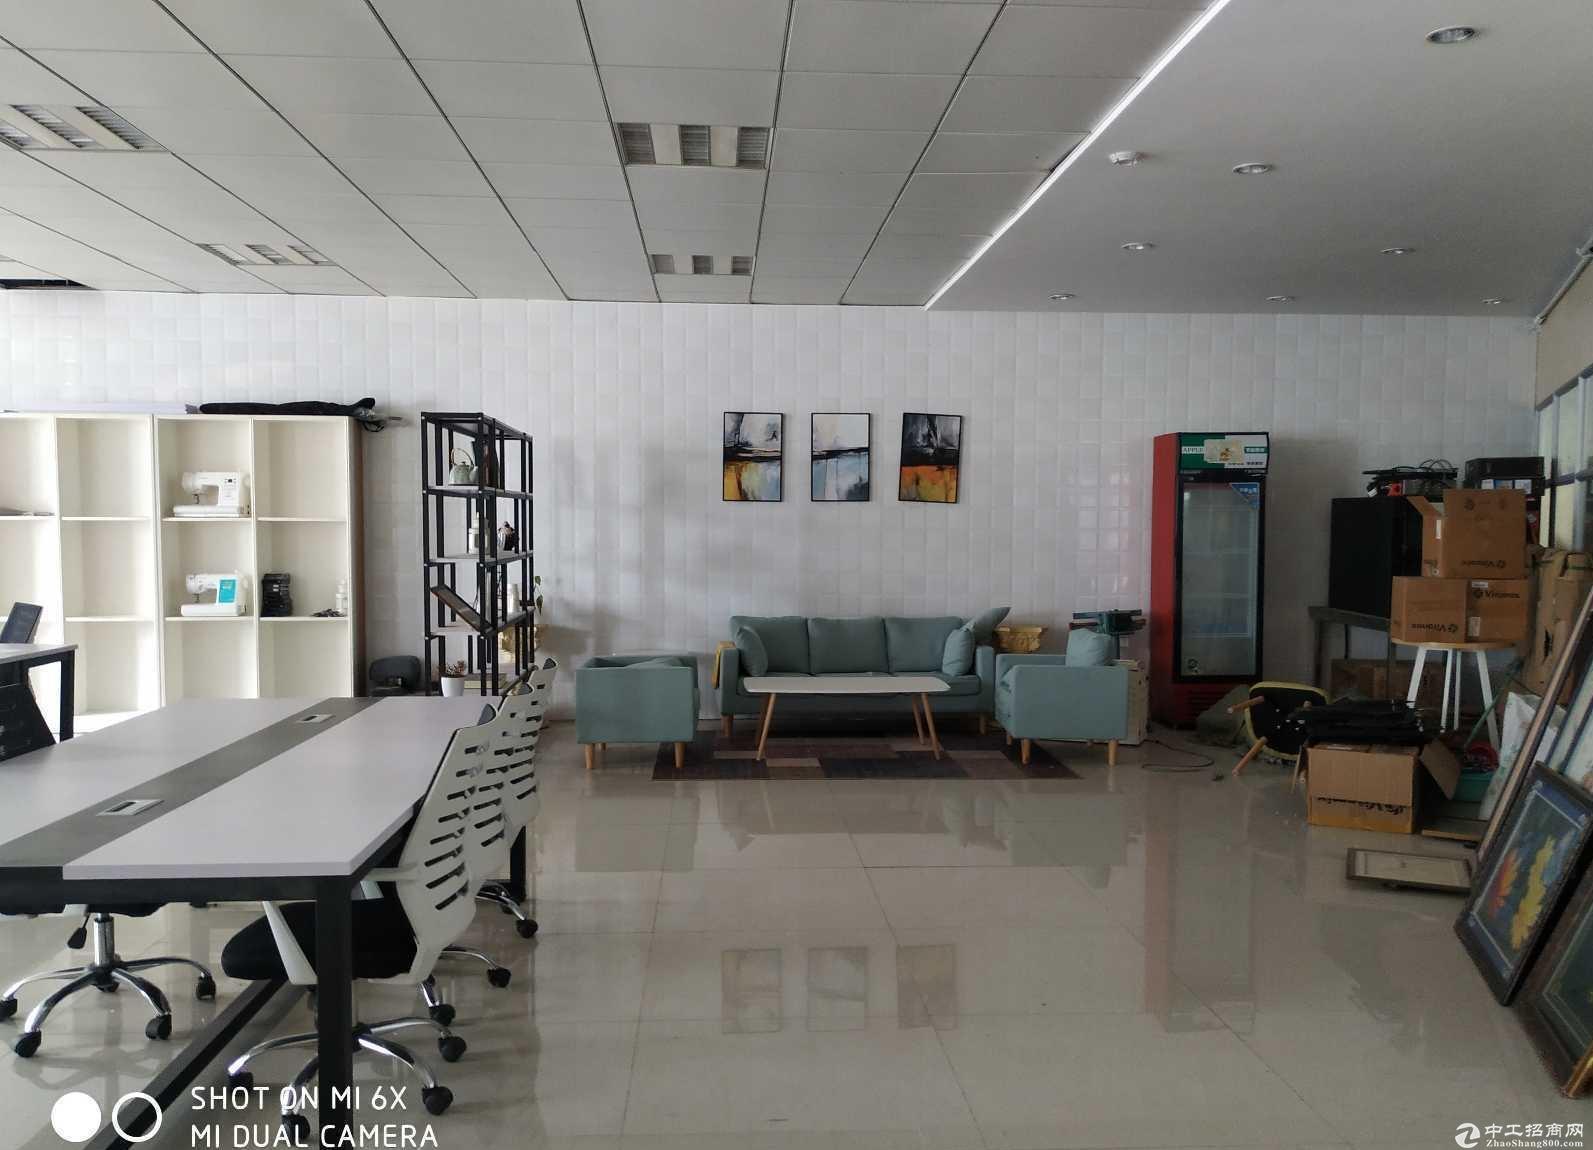 104地块奉贤西渡厂房2430平租金1.1元一楼全单层